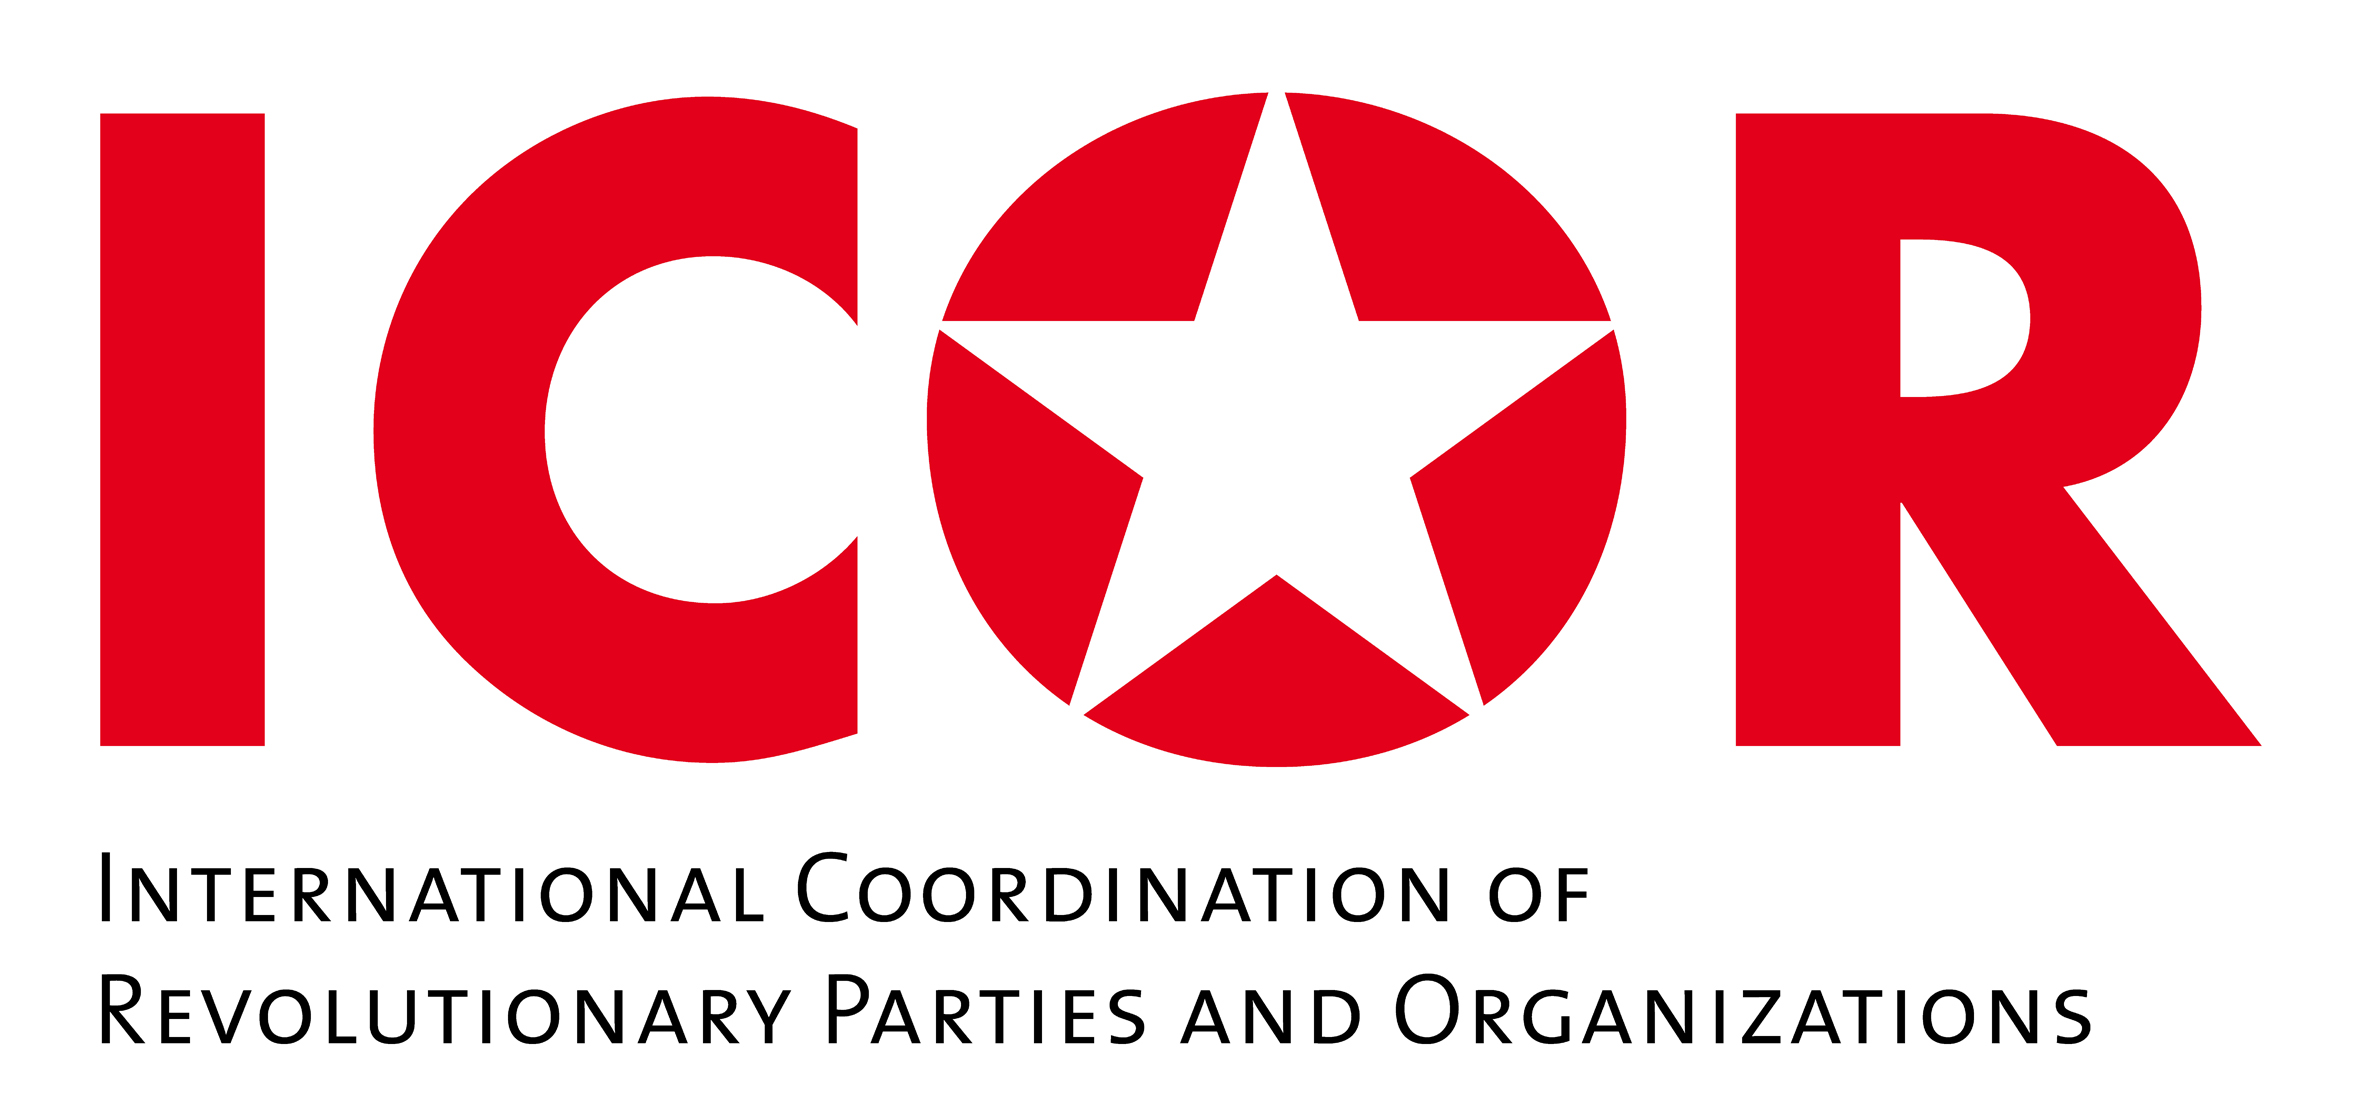 Aux membres de l'ICOR: Arrêtez le bombardement du Gaza